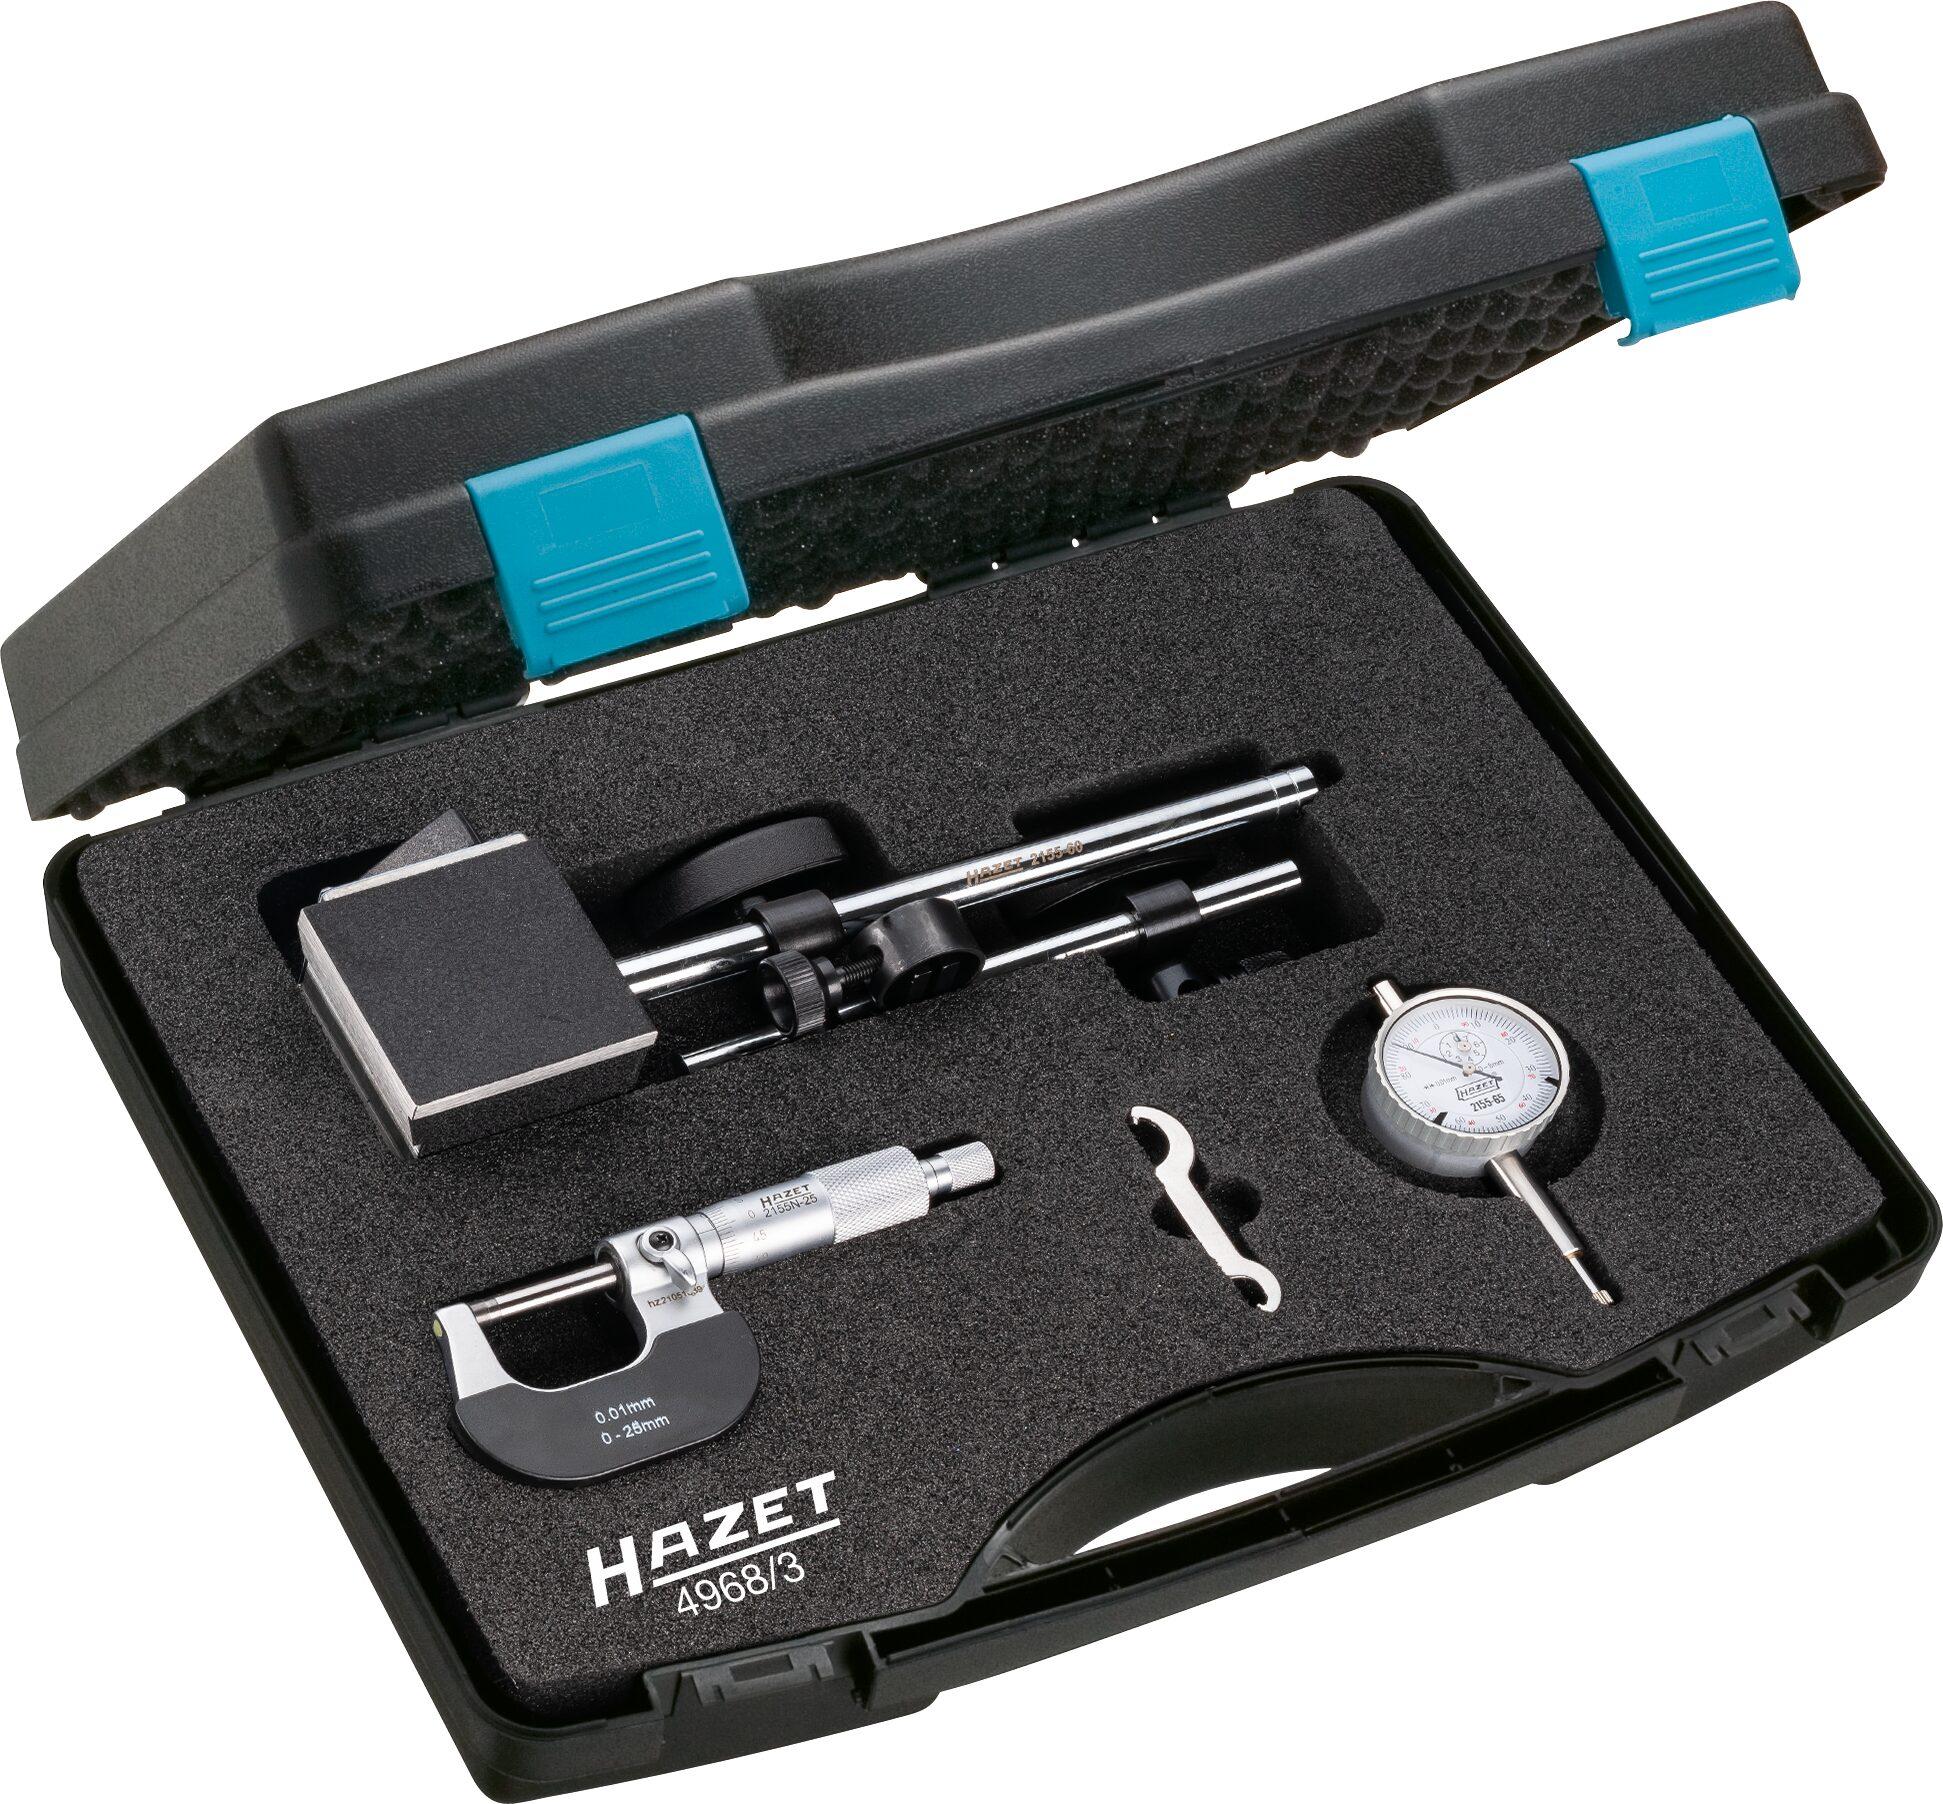 HAZET Bremsenprüf-Werkzeug Satz 4968/3 ∙ Anzahl Werkzeuge: 3